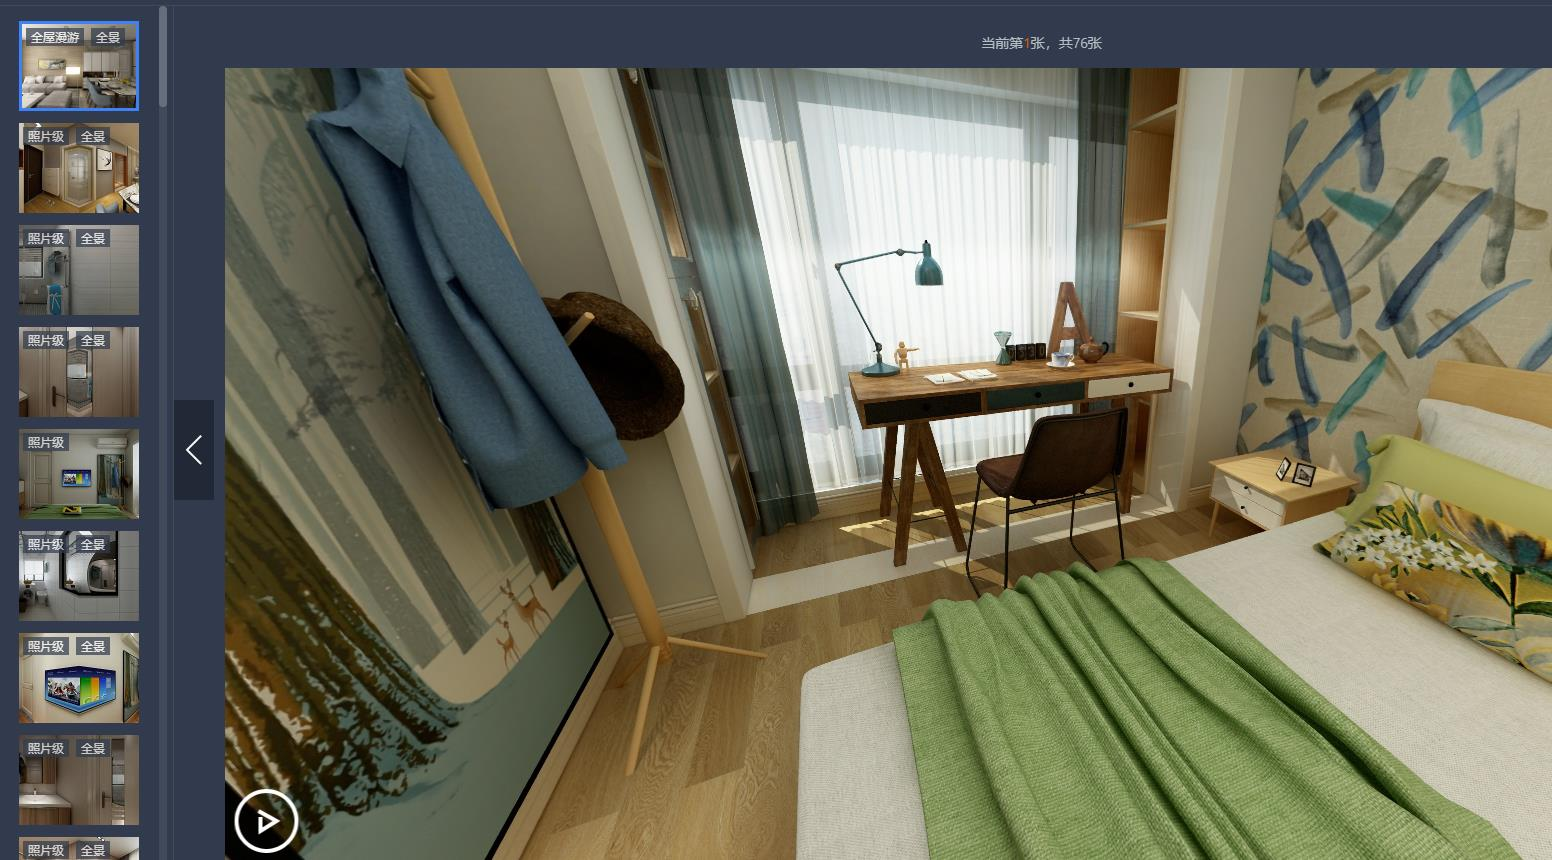 720度VR地板给用户不一样的购物享受